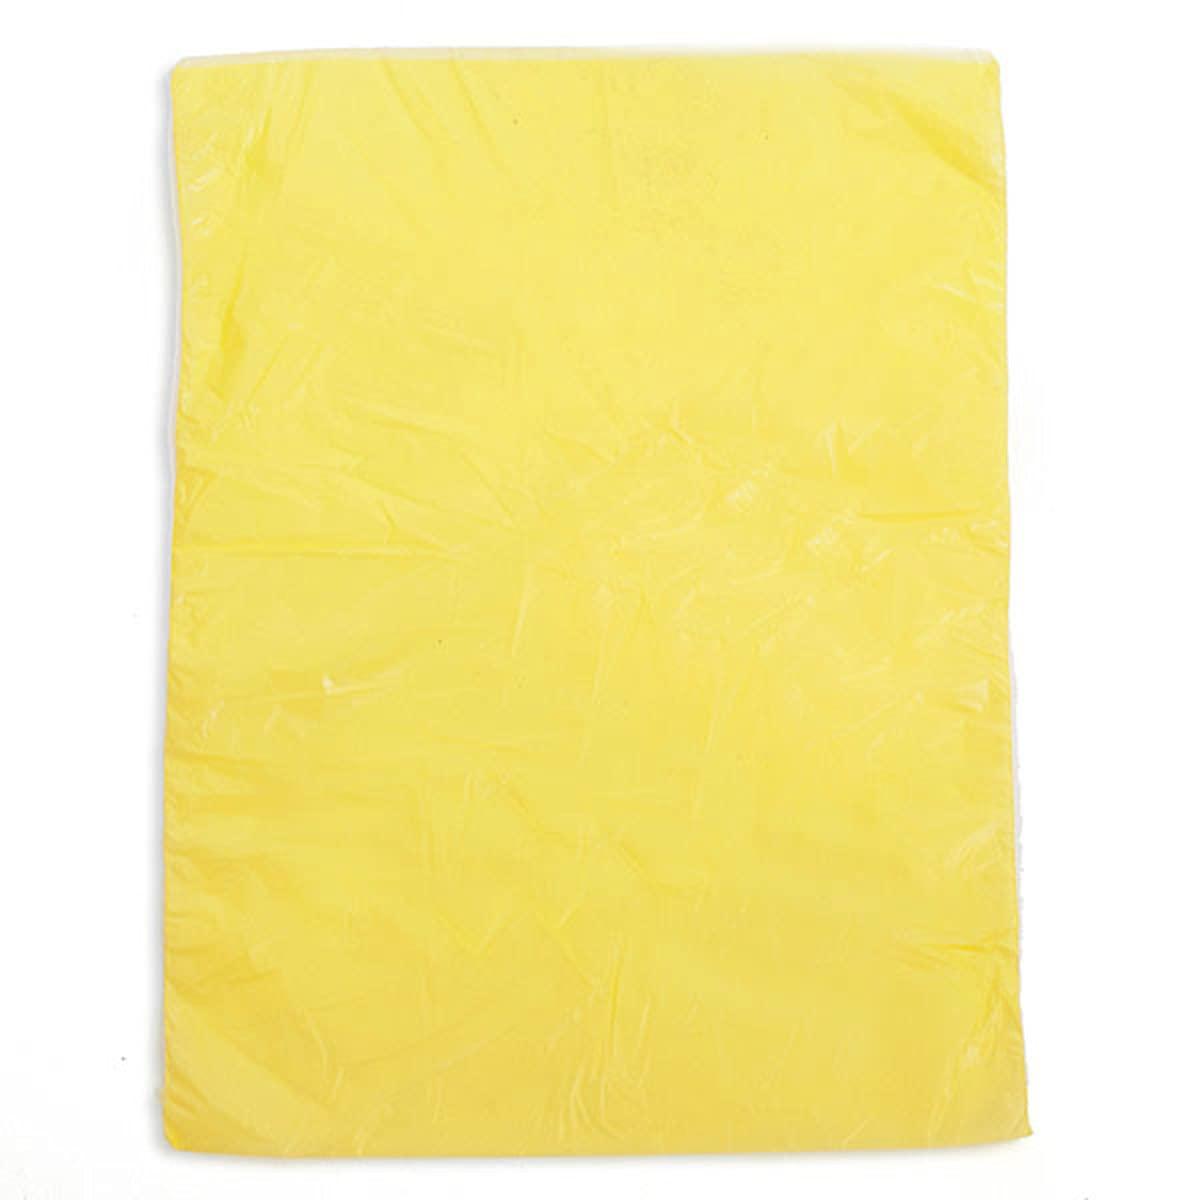 고밀도 비닐 봉투 노란색 8.5W X11H 인치-많은 1000